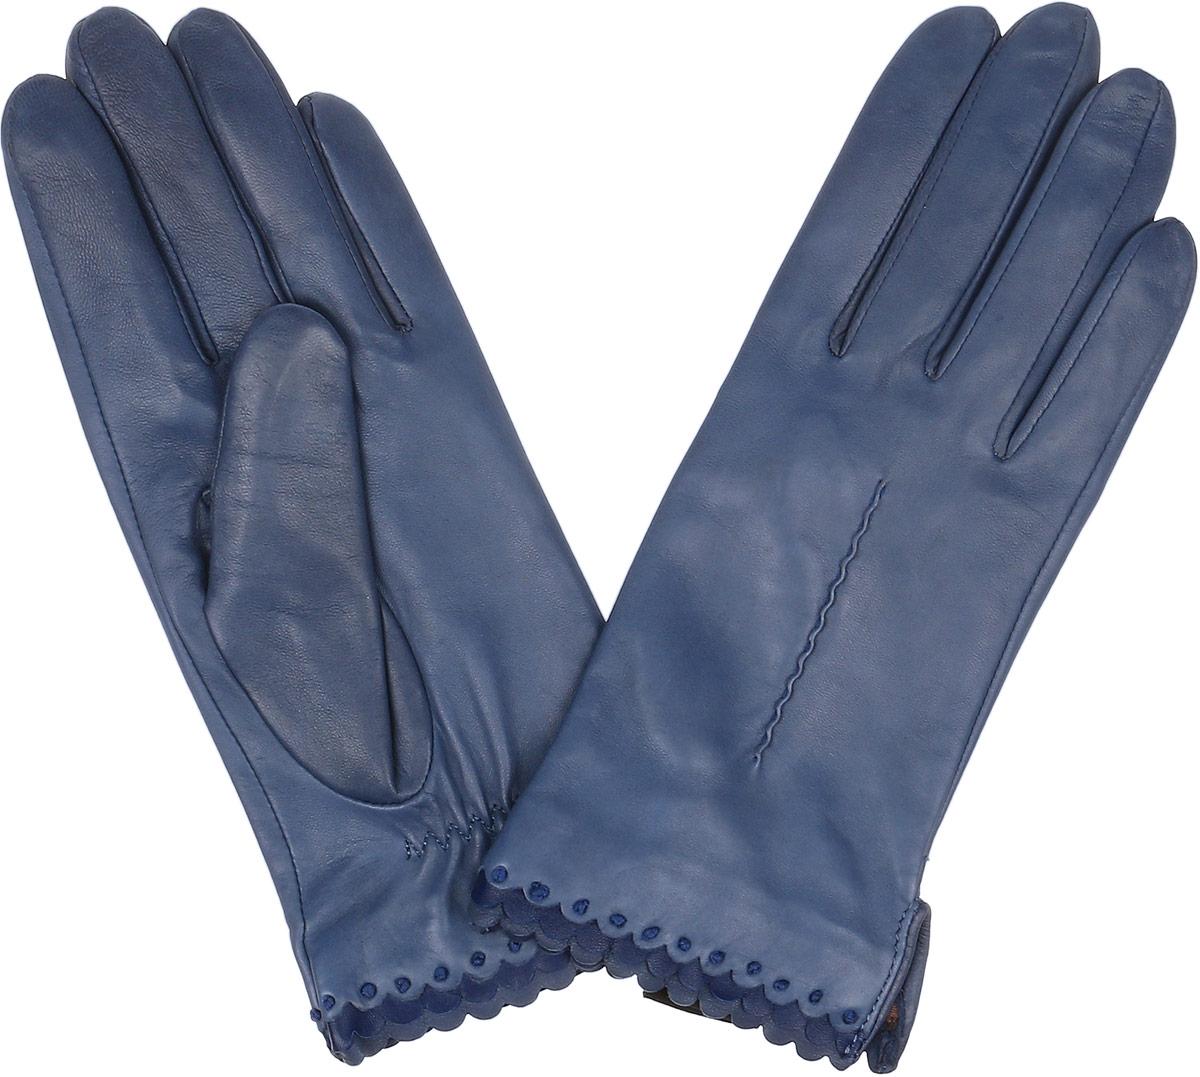 2.80-11s blueСтильные женские перчатки Fabretti не только защитят ваши руки, но и станут великолепным украшением. Перчатки выполнены из натуральной кожи ягненка, а их подкладка - из высококачественного шелка. Модель оформлена оригинальной каймой и строчками-стежками на запястье. Стильный аксессуар для повседневного образа.